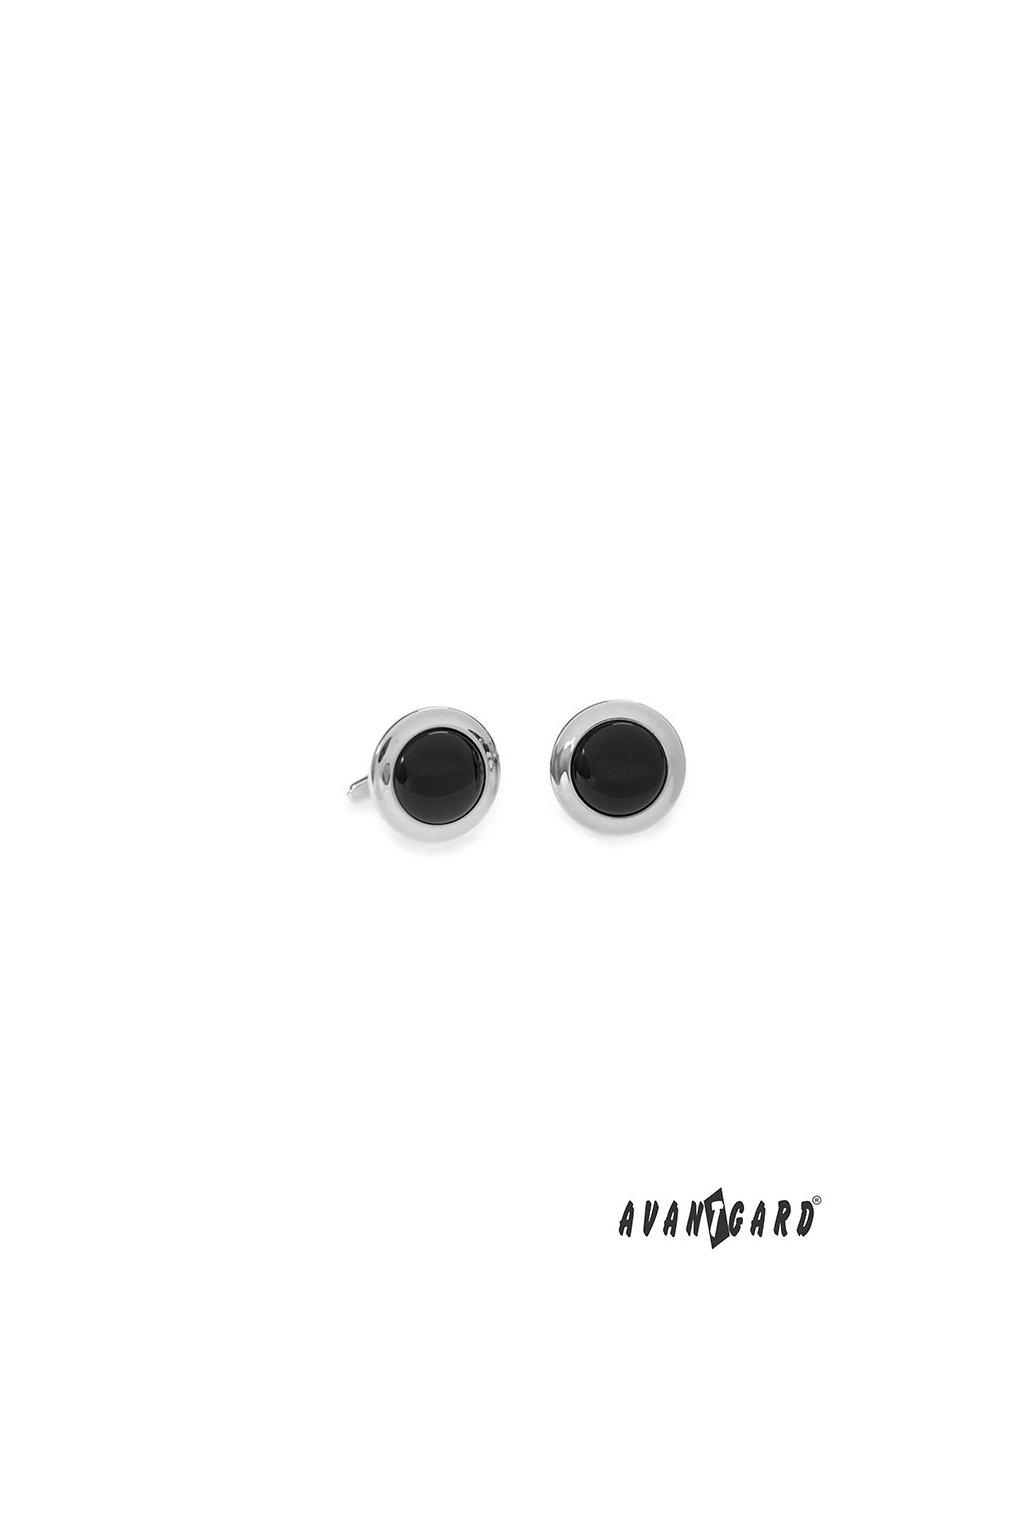 Manžetové knoflíčky PREMIUM, 573-20744, Stříbrná lesk/černá